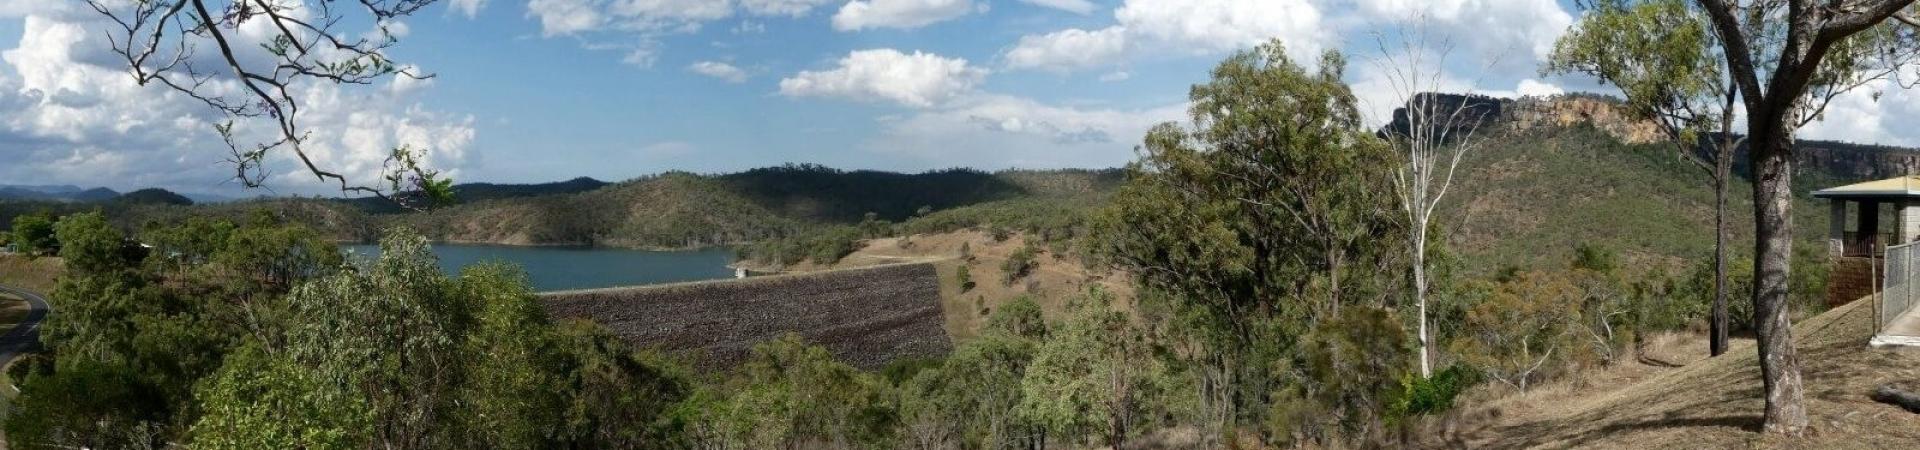 Cania-Dam-1600